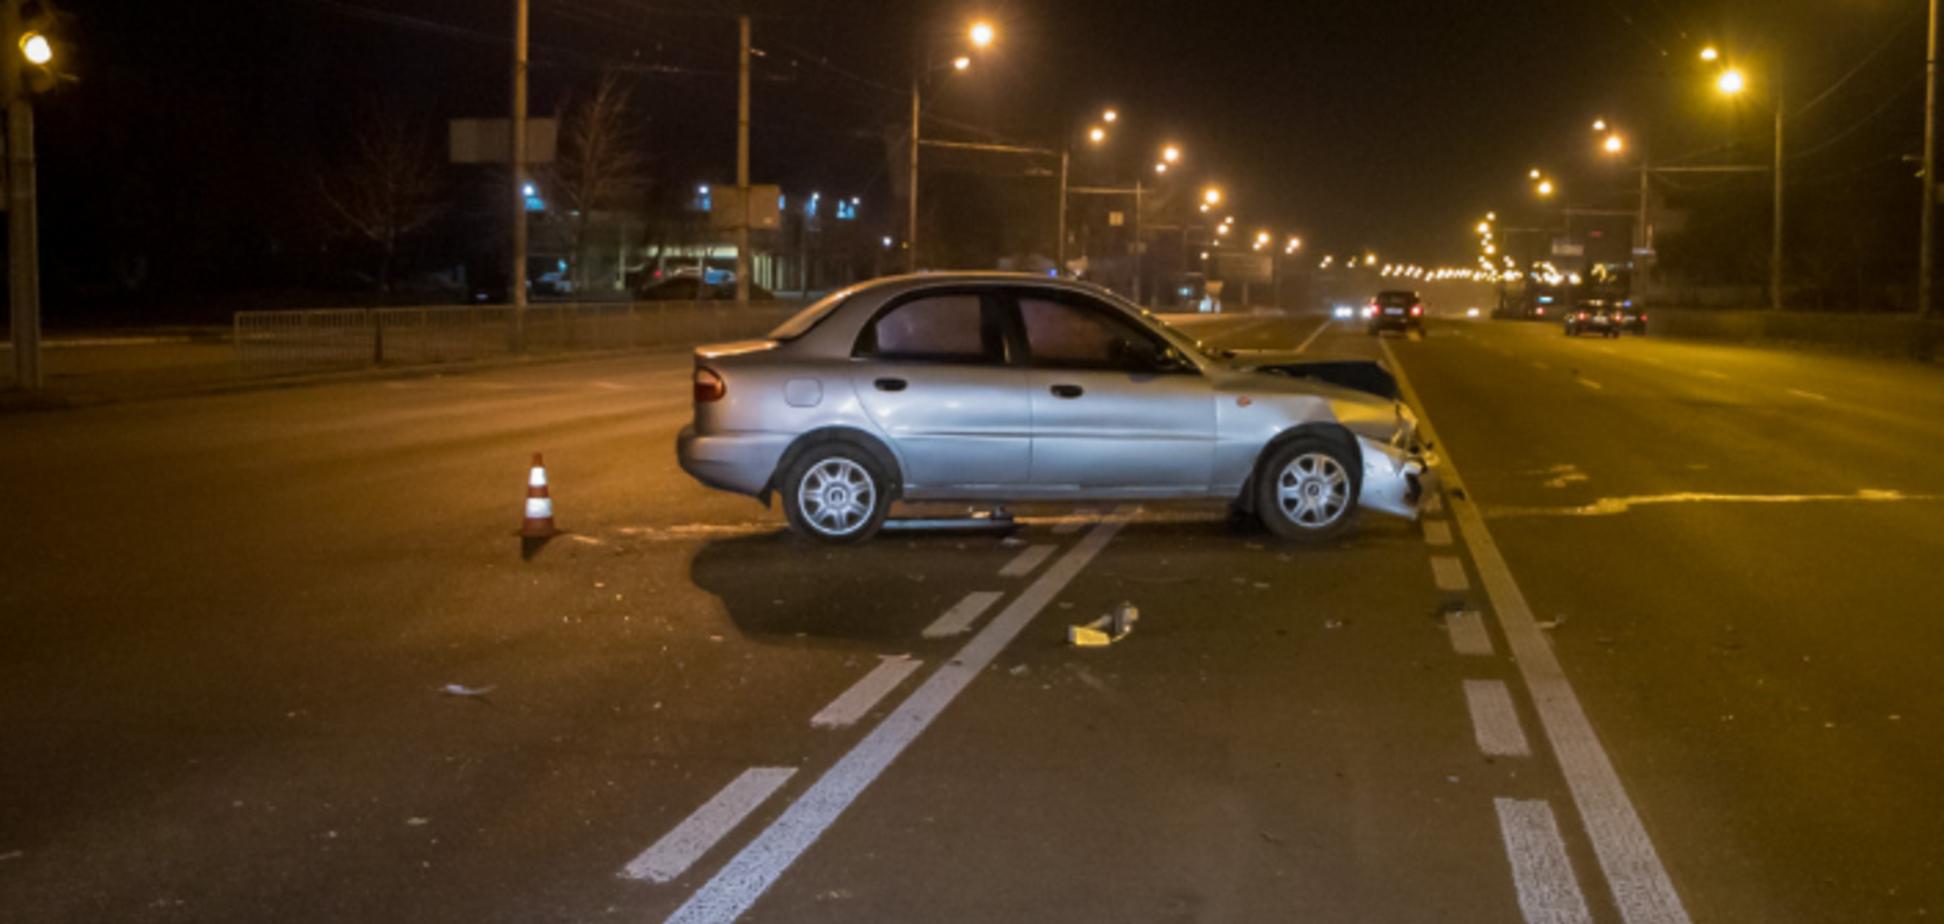 Перевернулся и стал на колеса: в Днепре столкнулись два автомобиля Daewoo. Видео